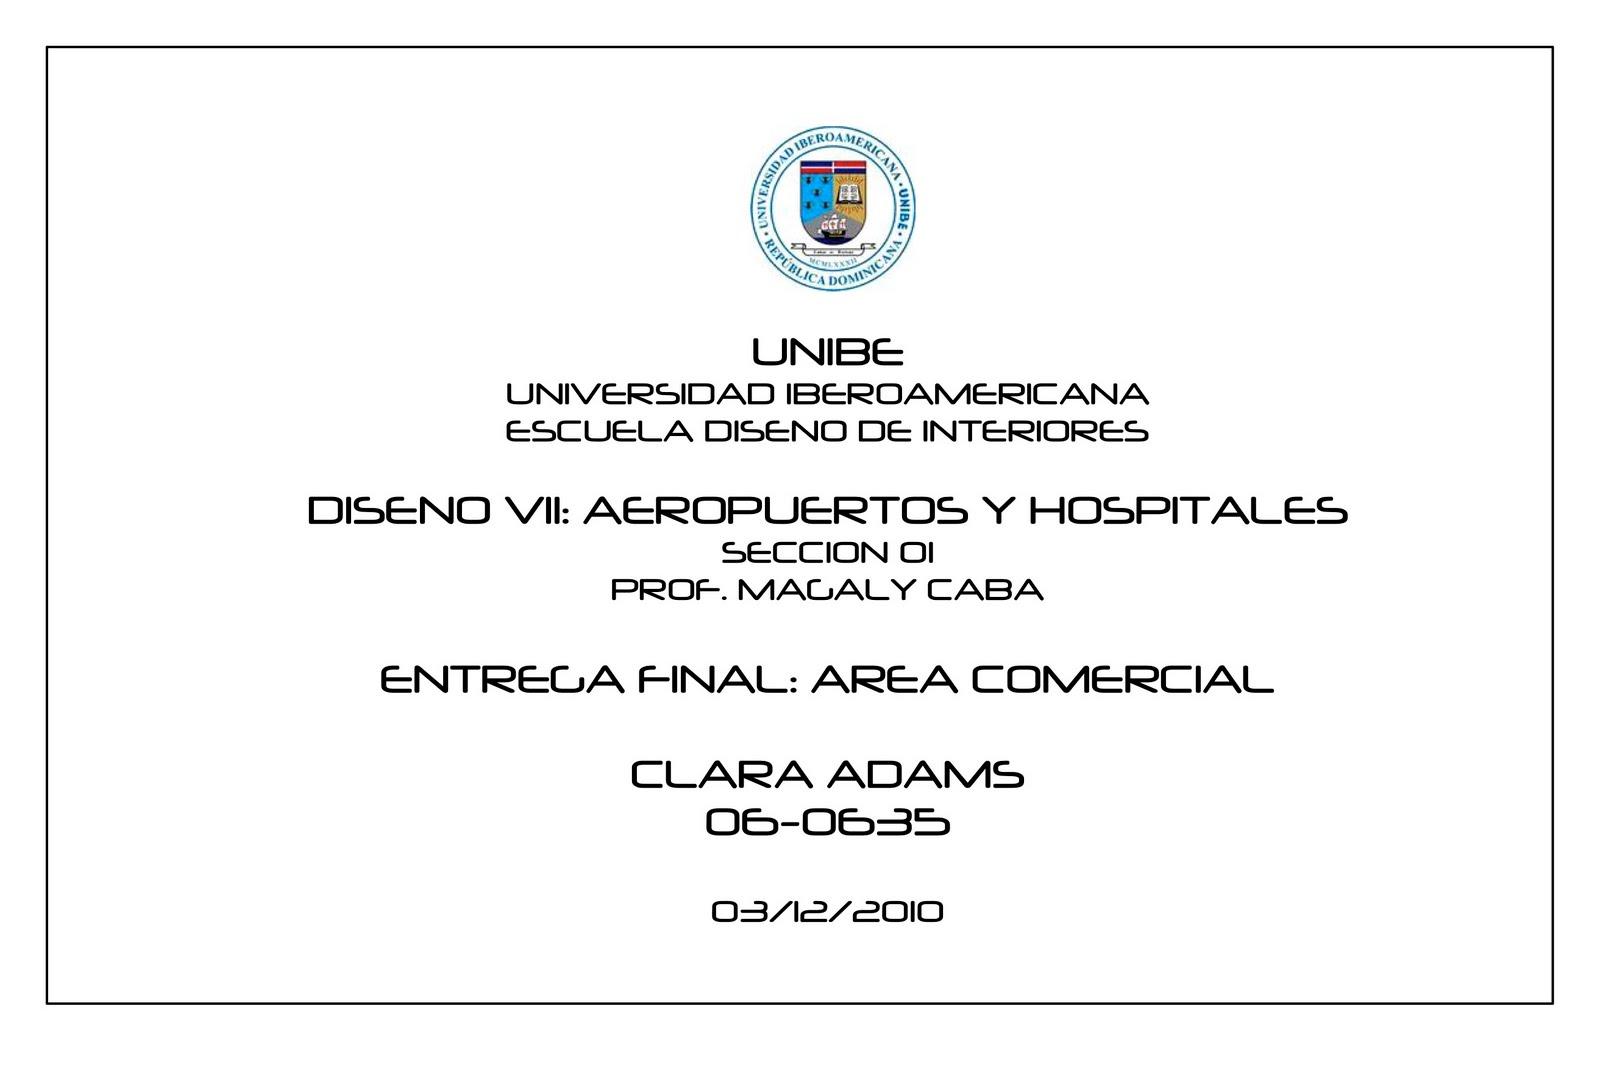 Dise os especiales area comercial parte 1 for Diseno de interiores universidad